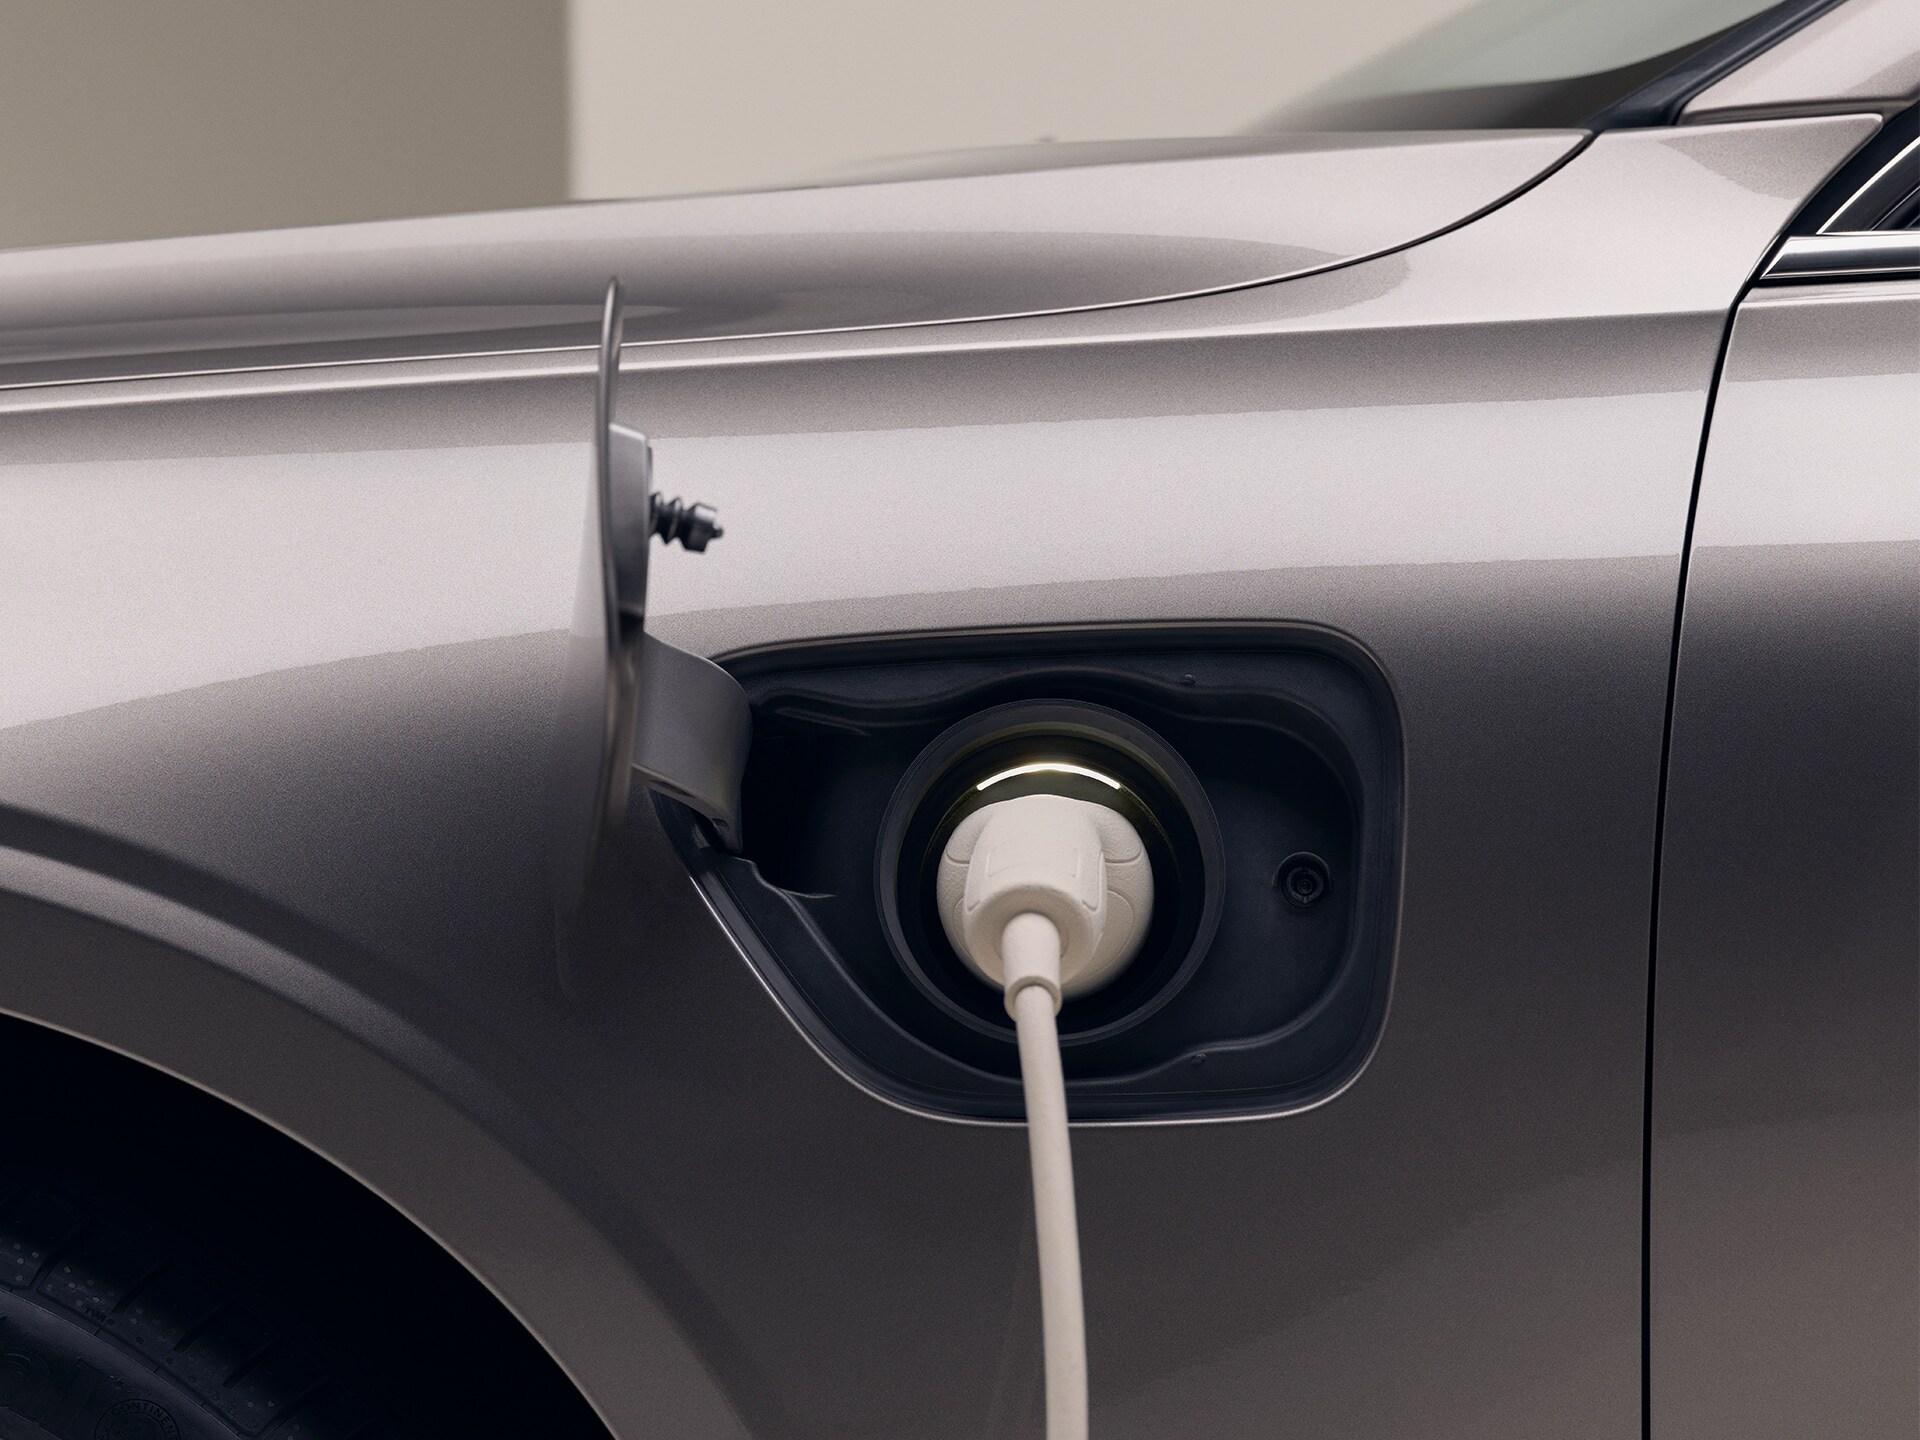 Primer plano de la parte delantera izquierda de un Volvo gris con un cable de recarga blanco insertado en el puerto de carga del auto